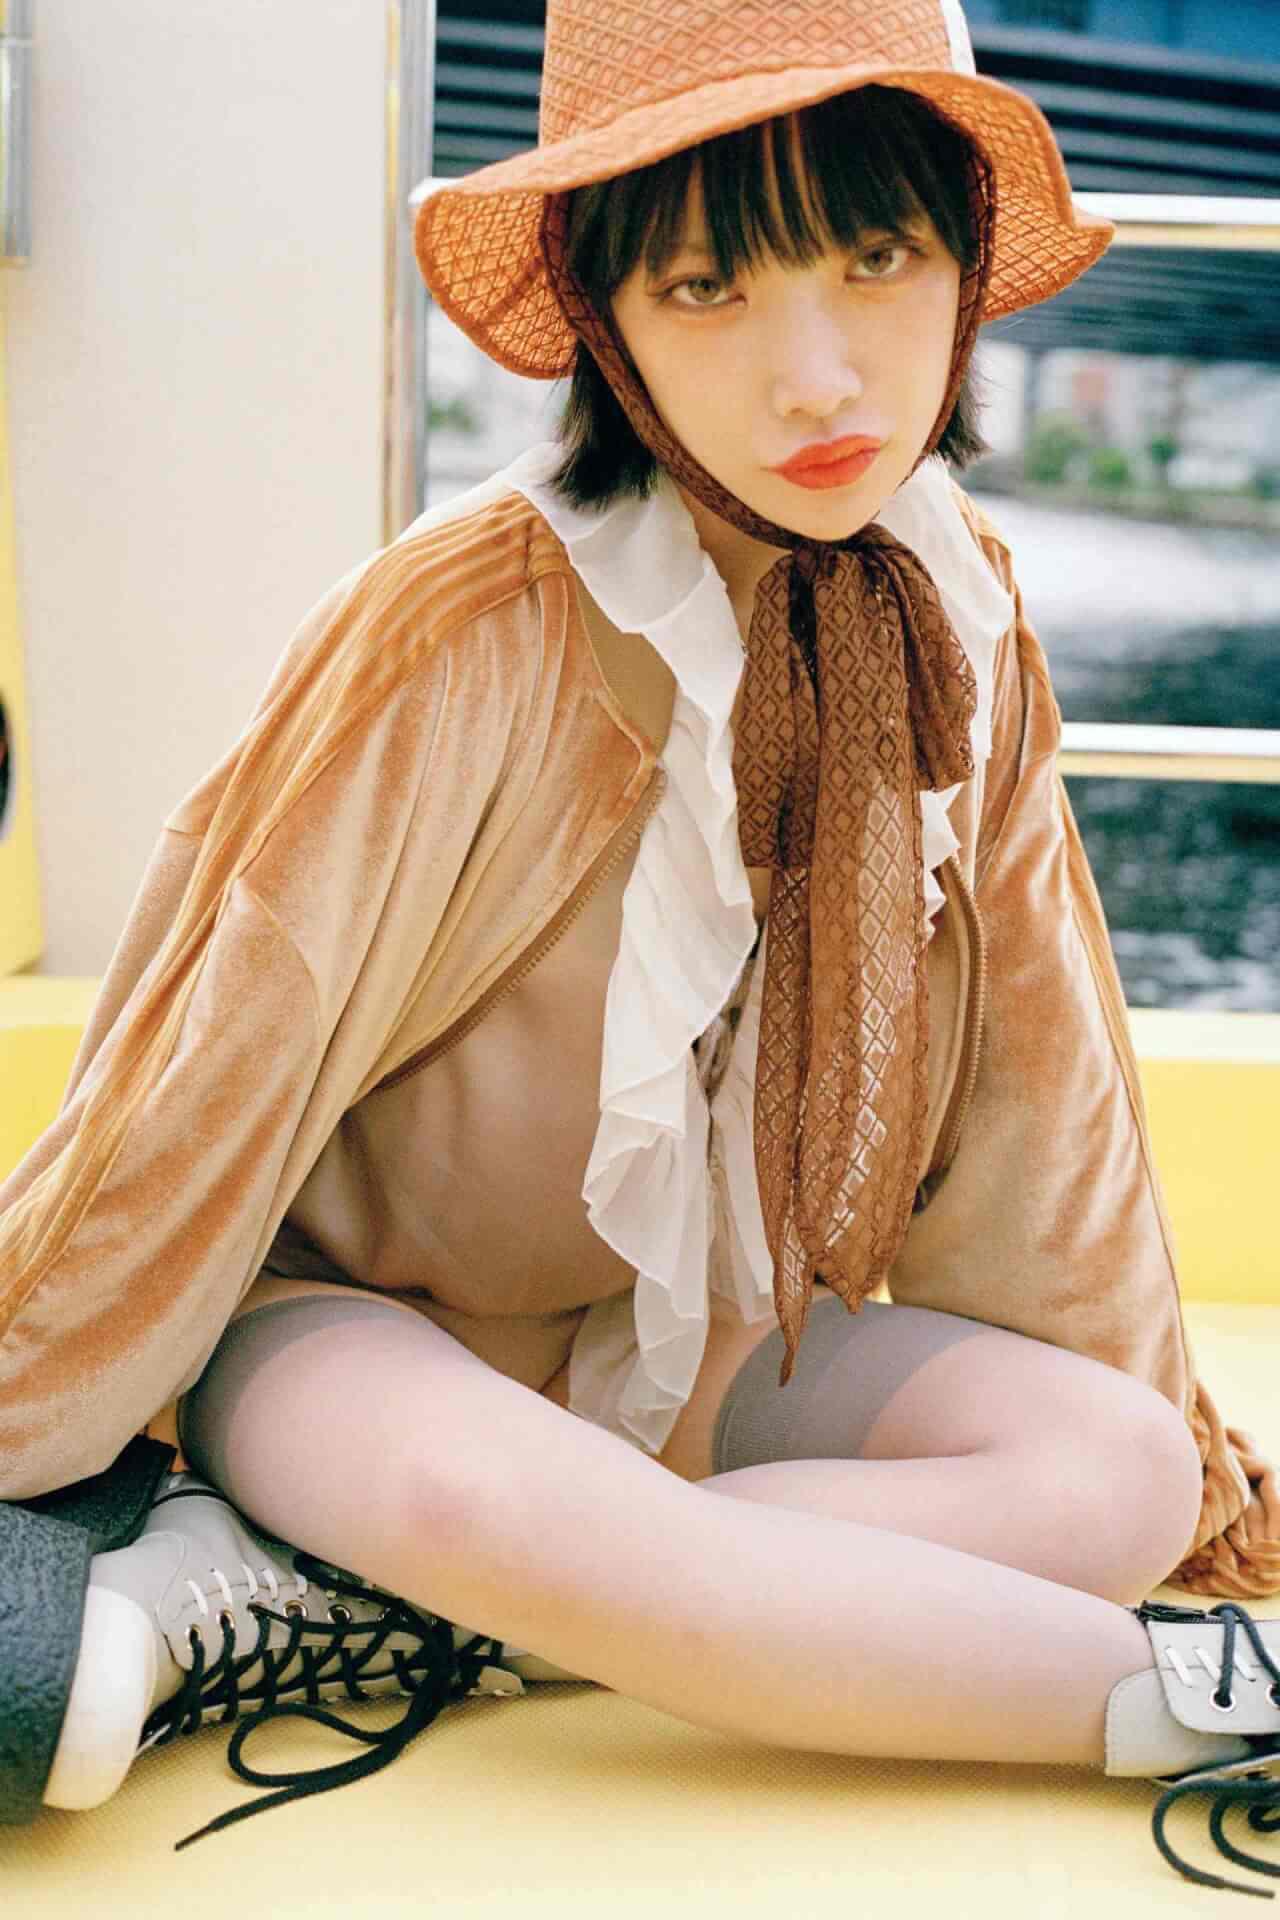 かてぃのファッションドキュメンタリーブック『ファッションカルト』の誌面カットが到着! lifefashion_katy_1